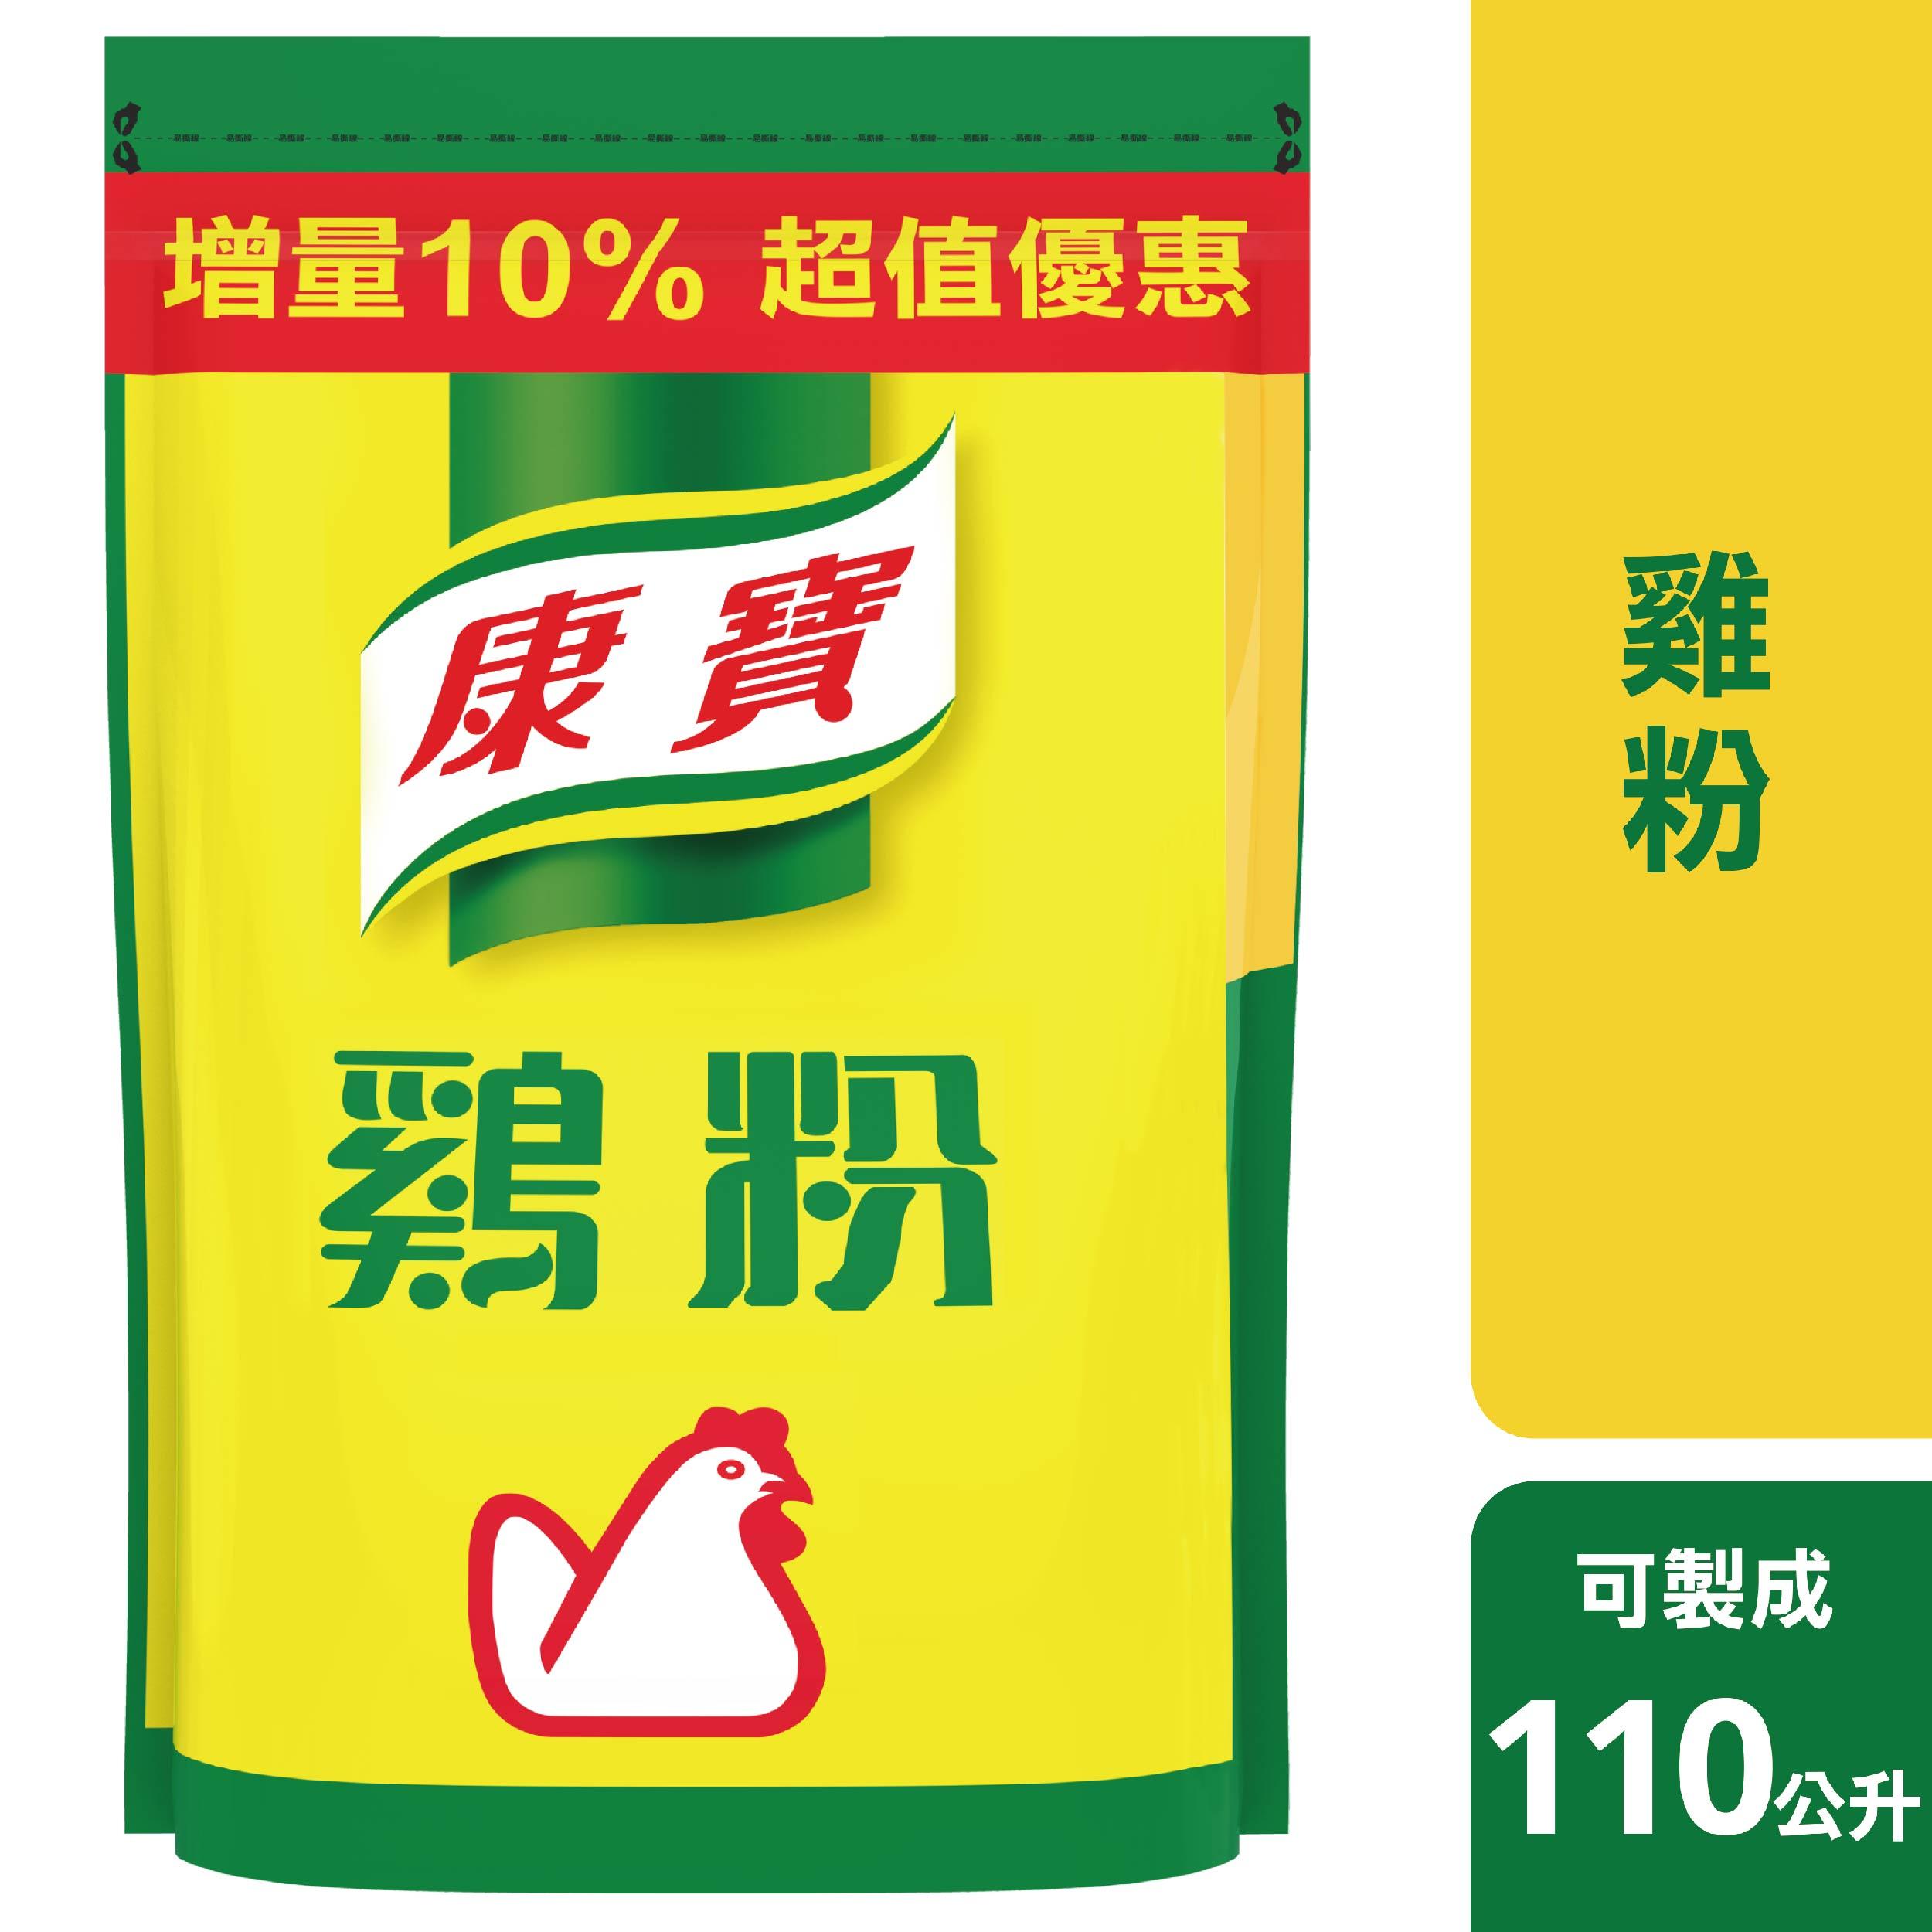 康寶雞粉 2.2公斤 - 康寶雞粉,純正雞鮮,經典原味代代相傳